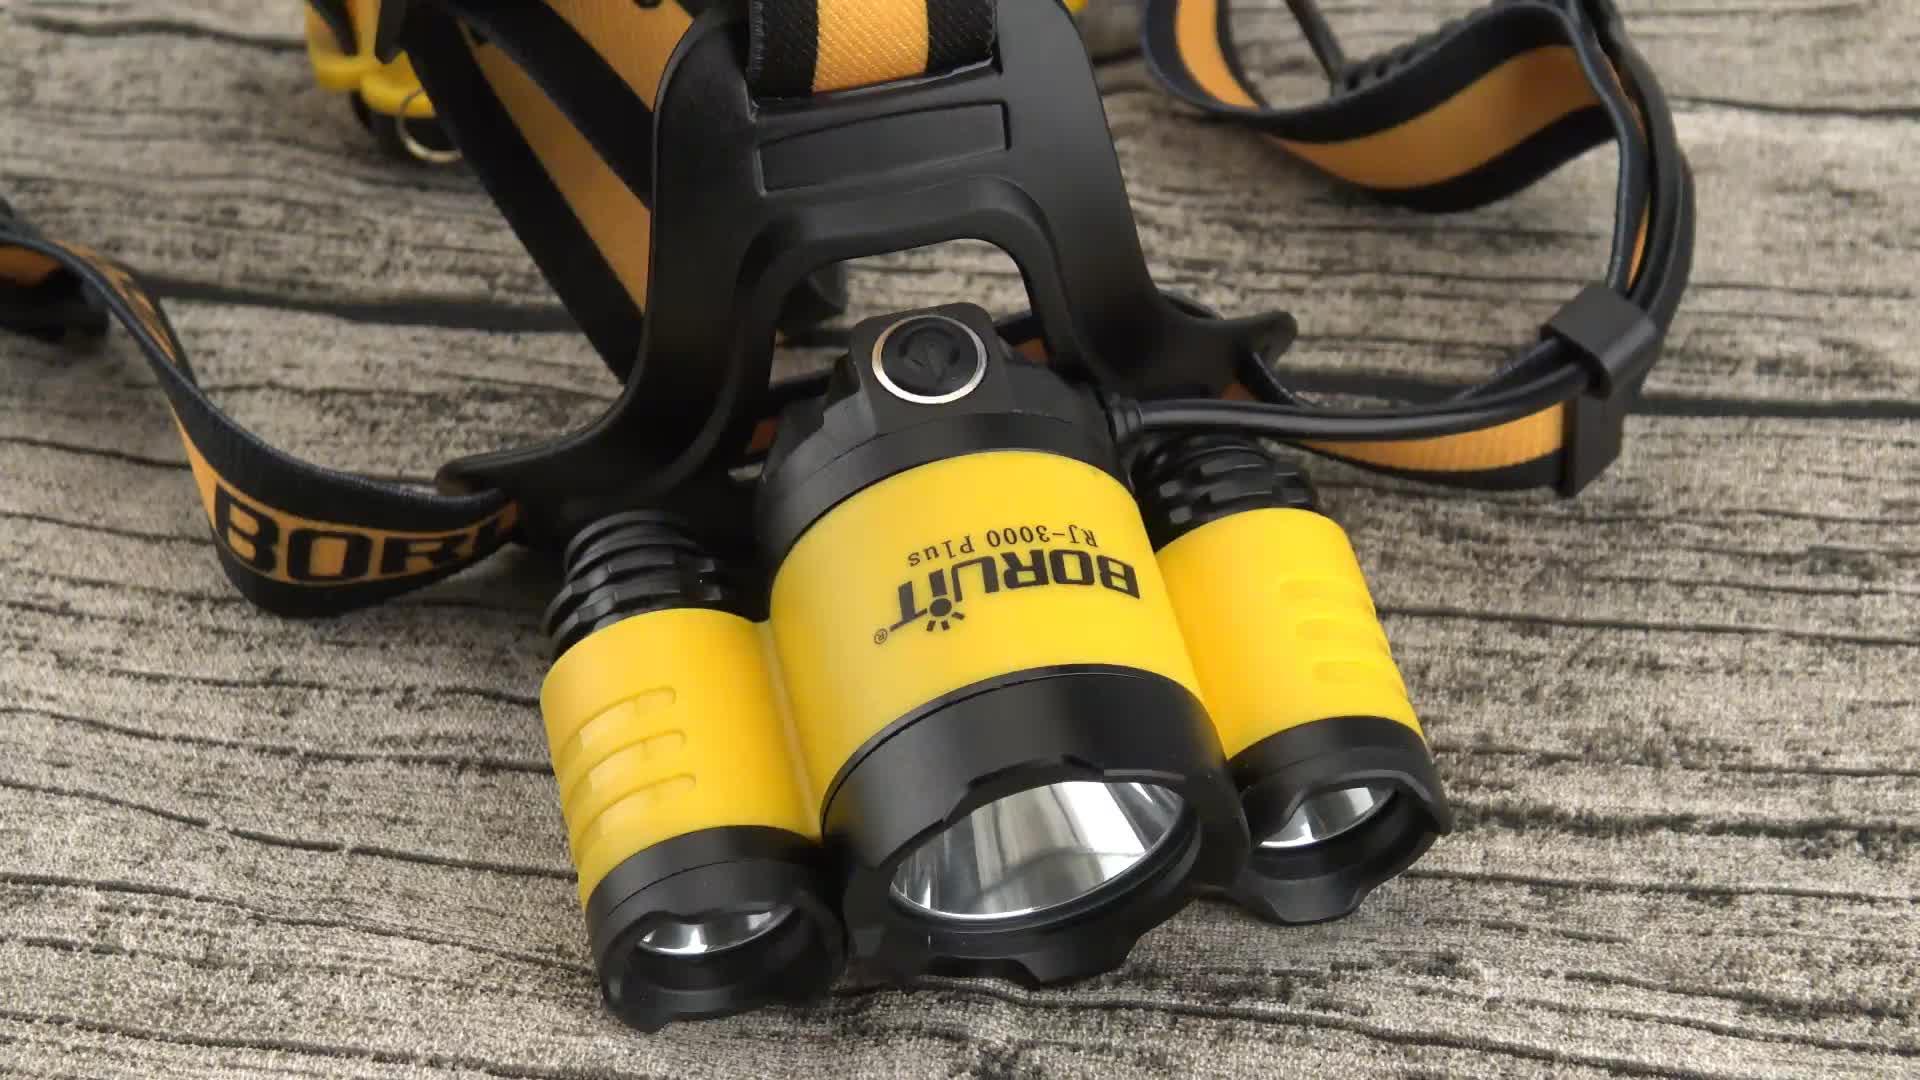 Boruit عالية الطاقة 30 واط LED المصباح USB تهمة 3 Led كشافات مع SOS صافرة